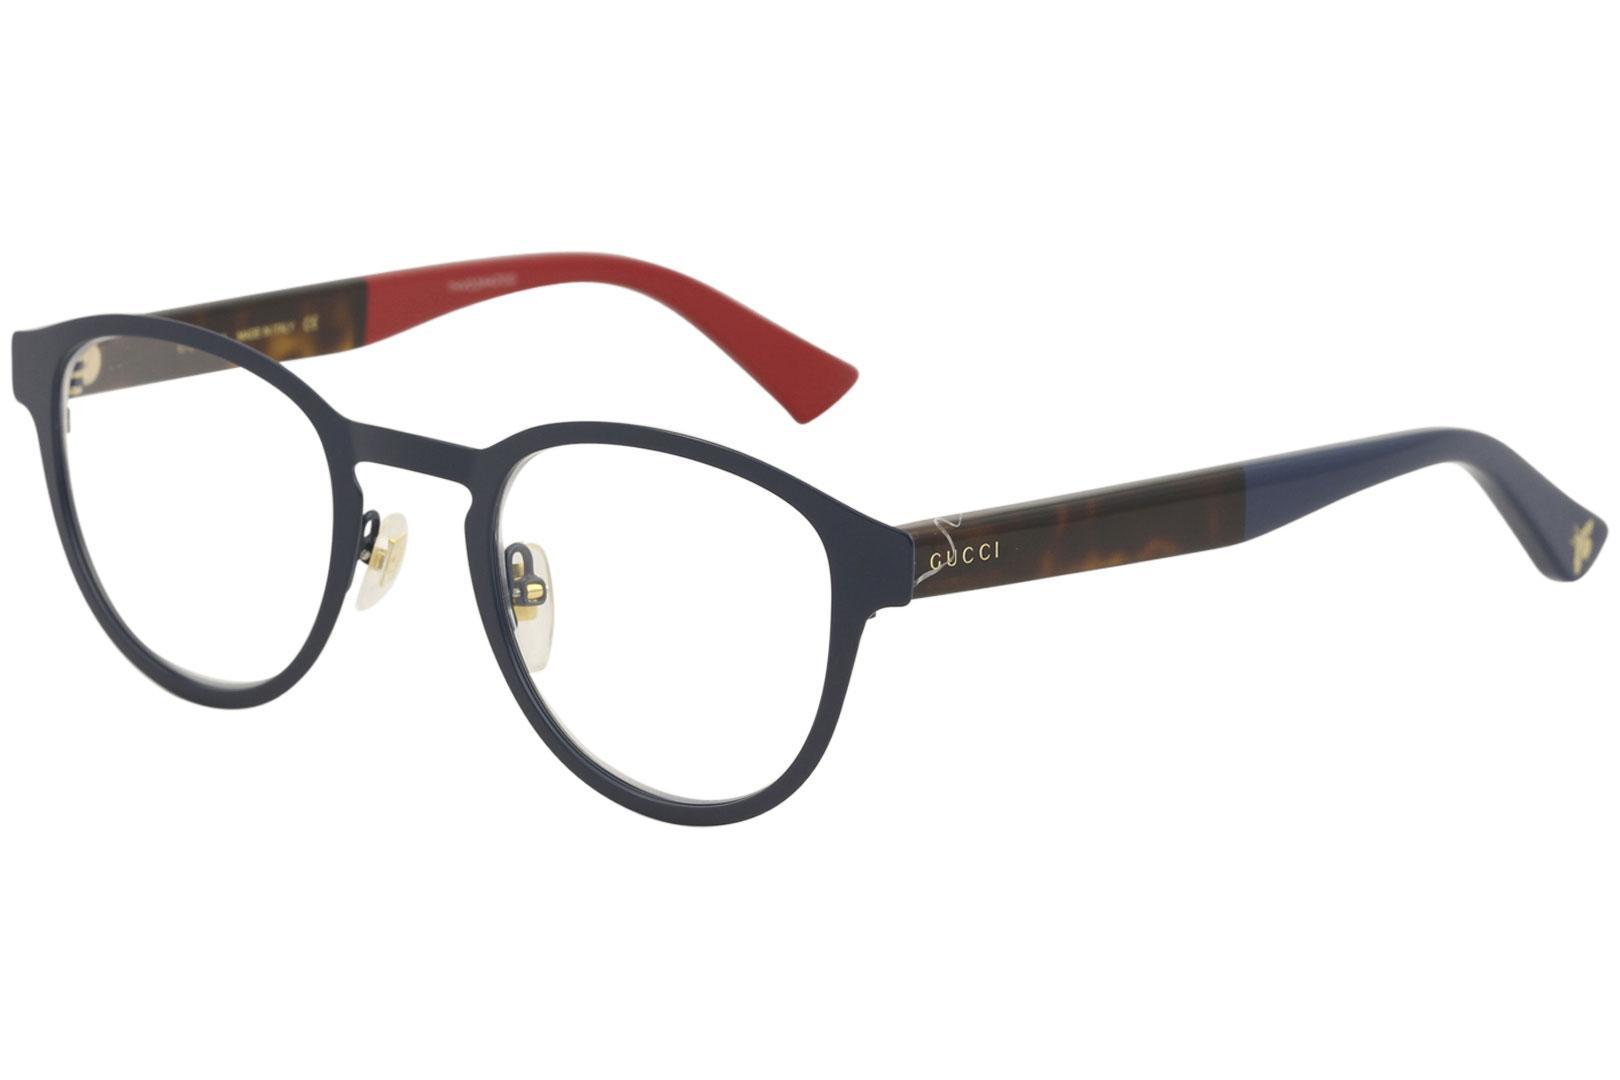 Gucci Men\'s Eyeglasses GG0161O GG/0161/O Full Rim Optical Frame